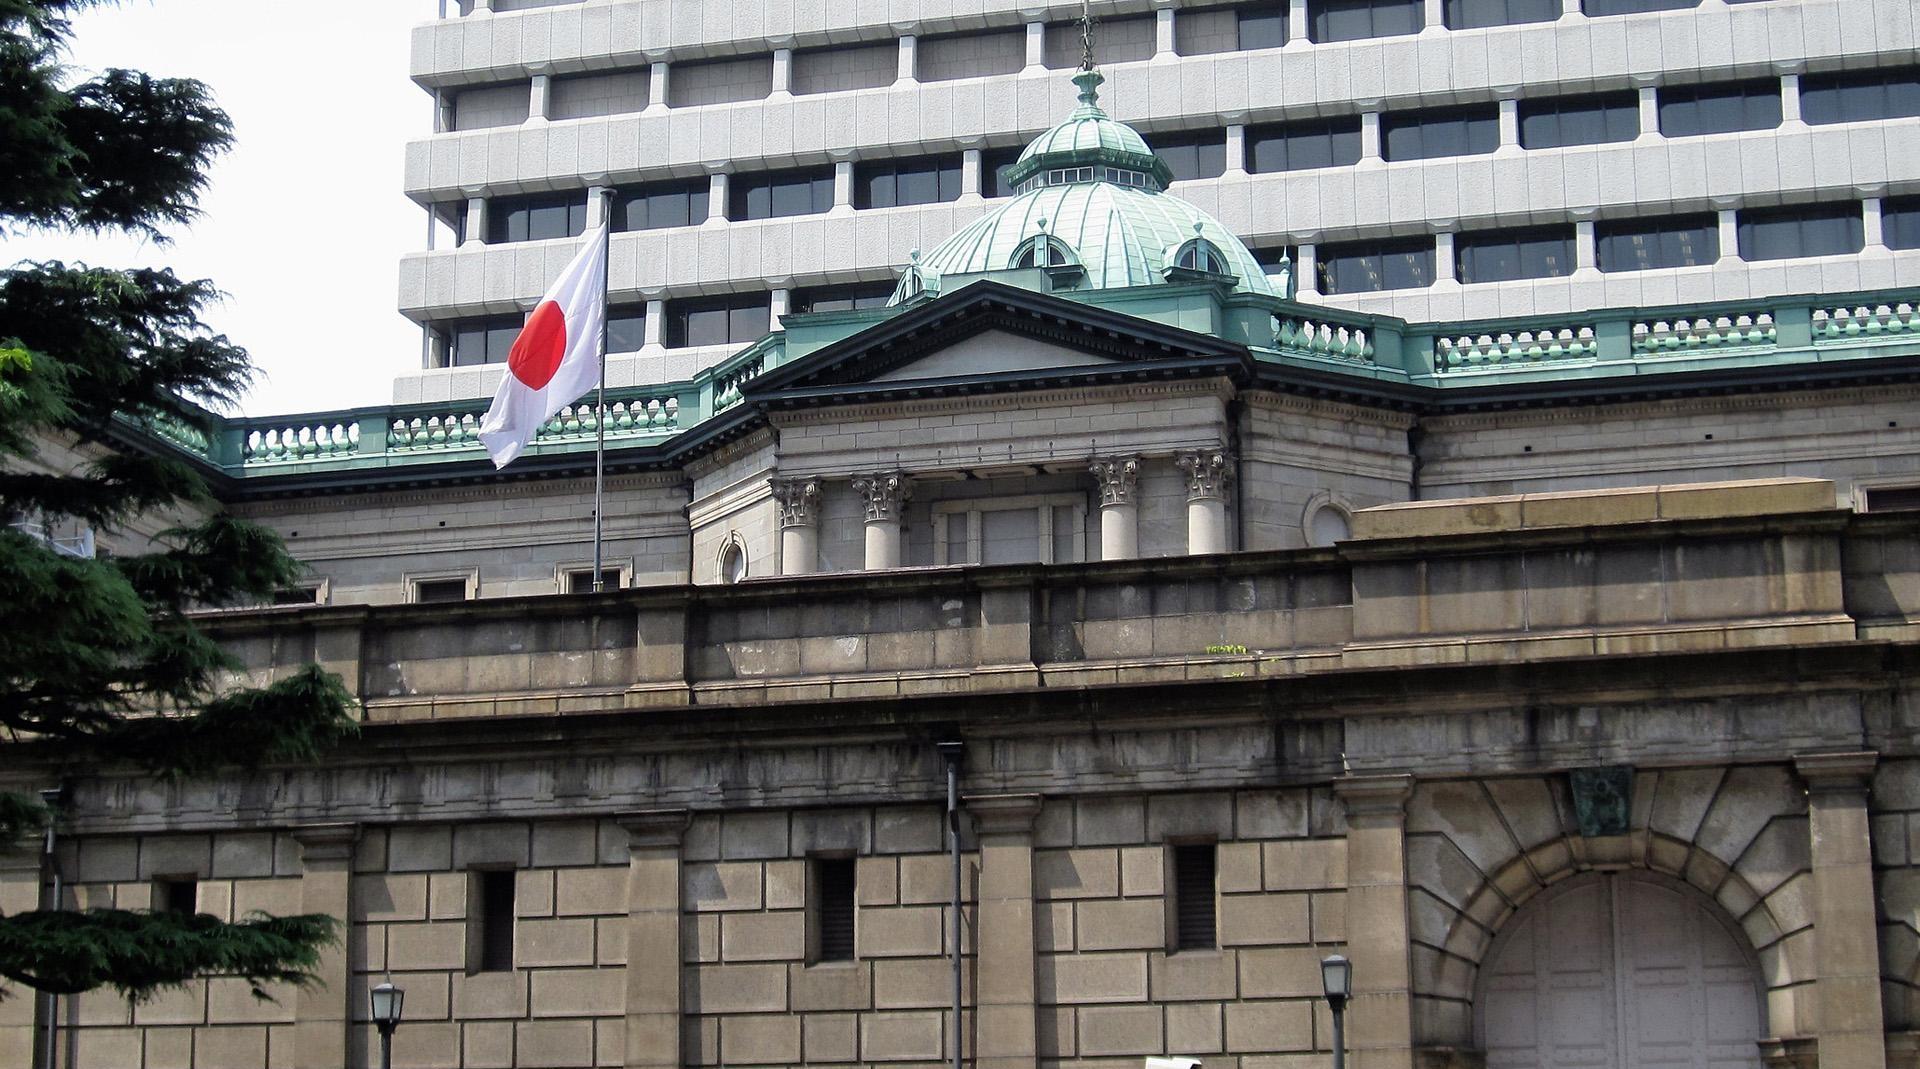 Банк Японии: Ни одна национальная цифровая валюта не будет доминировать в мире